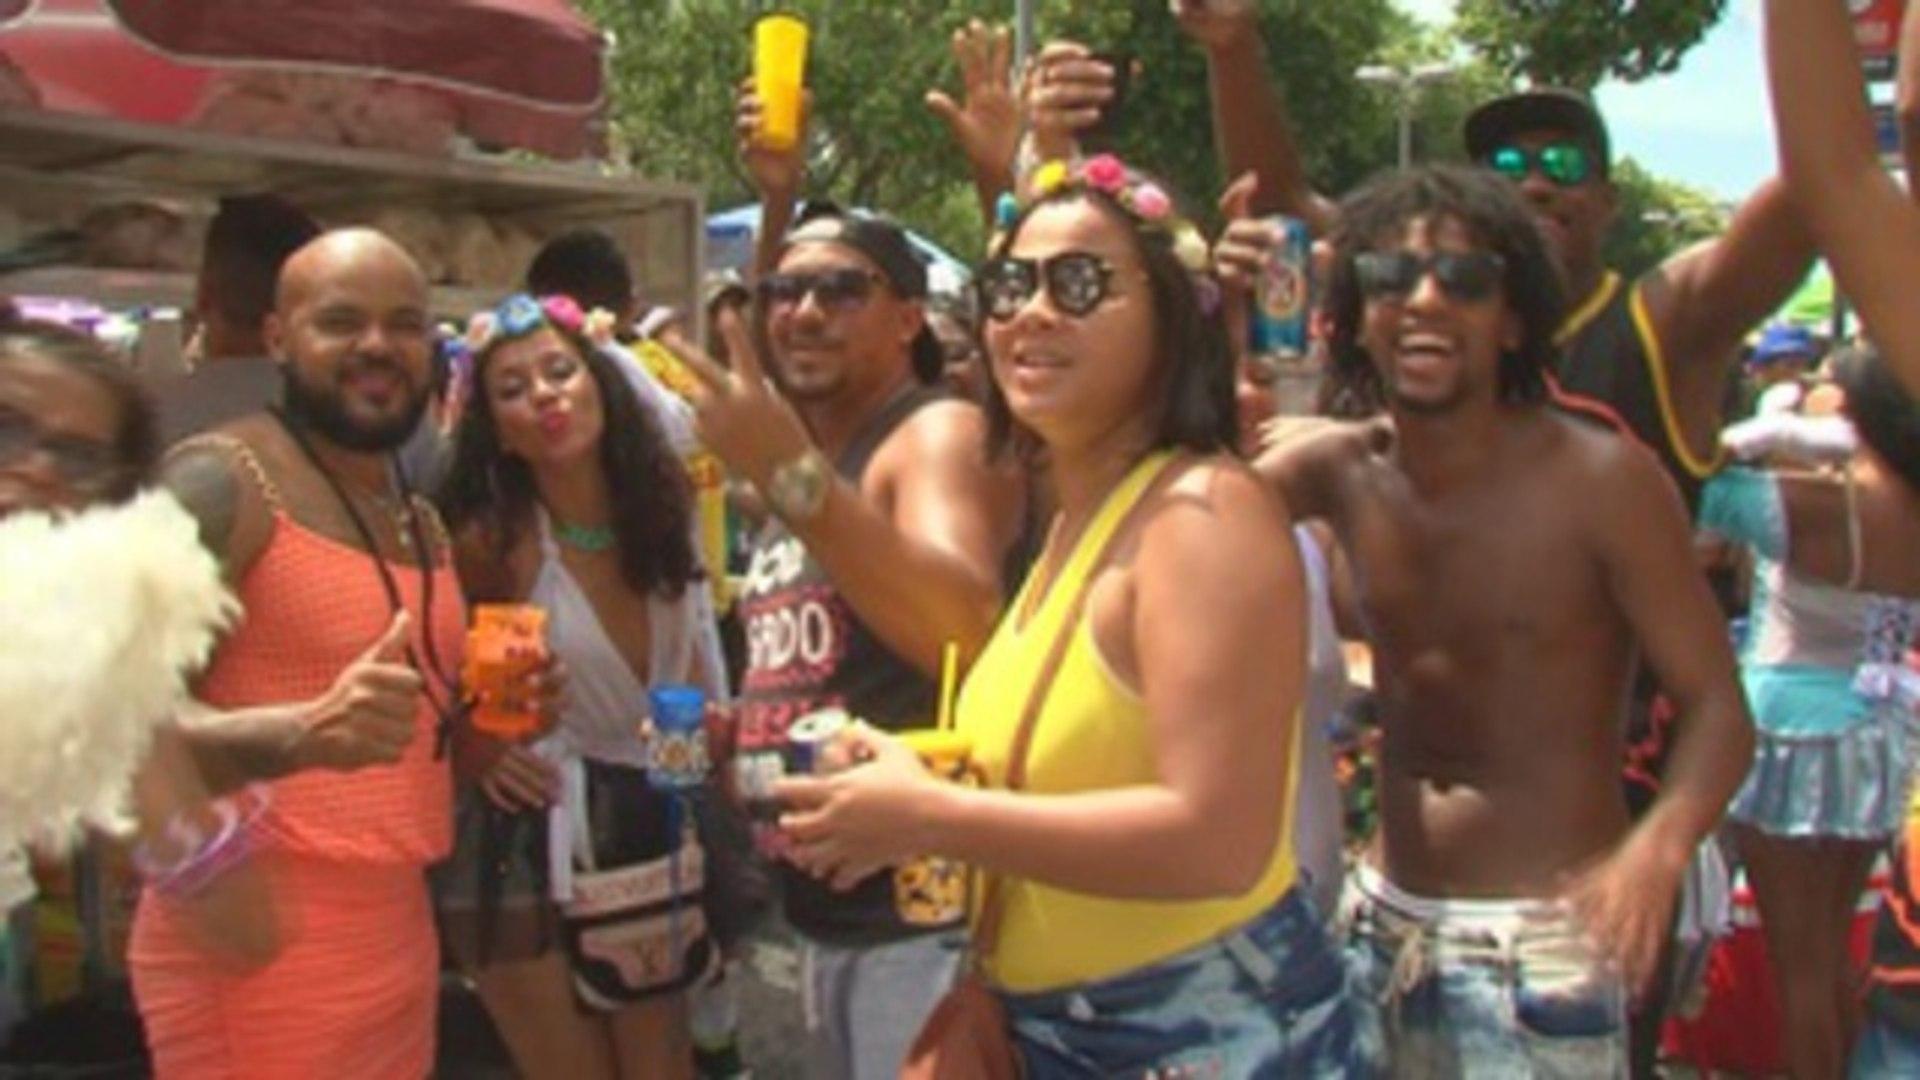 Recife y Río de Janeiro disfrutan de dos comparsas que divierten a millones en Brasil